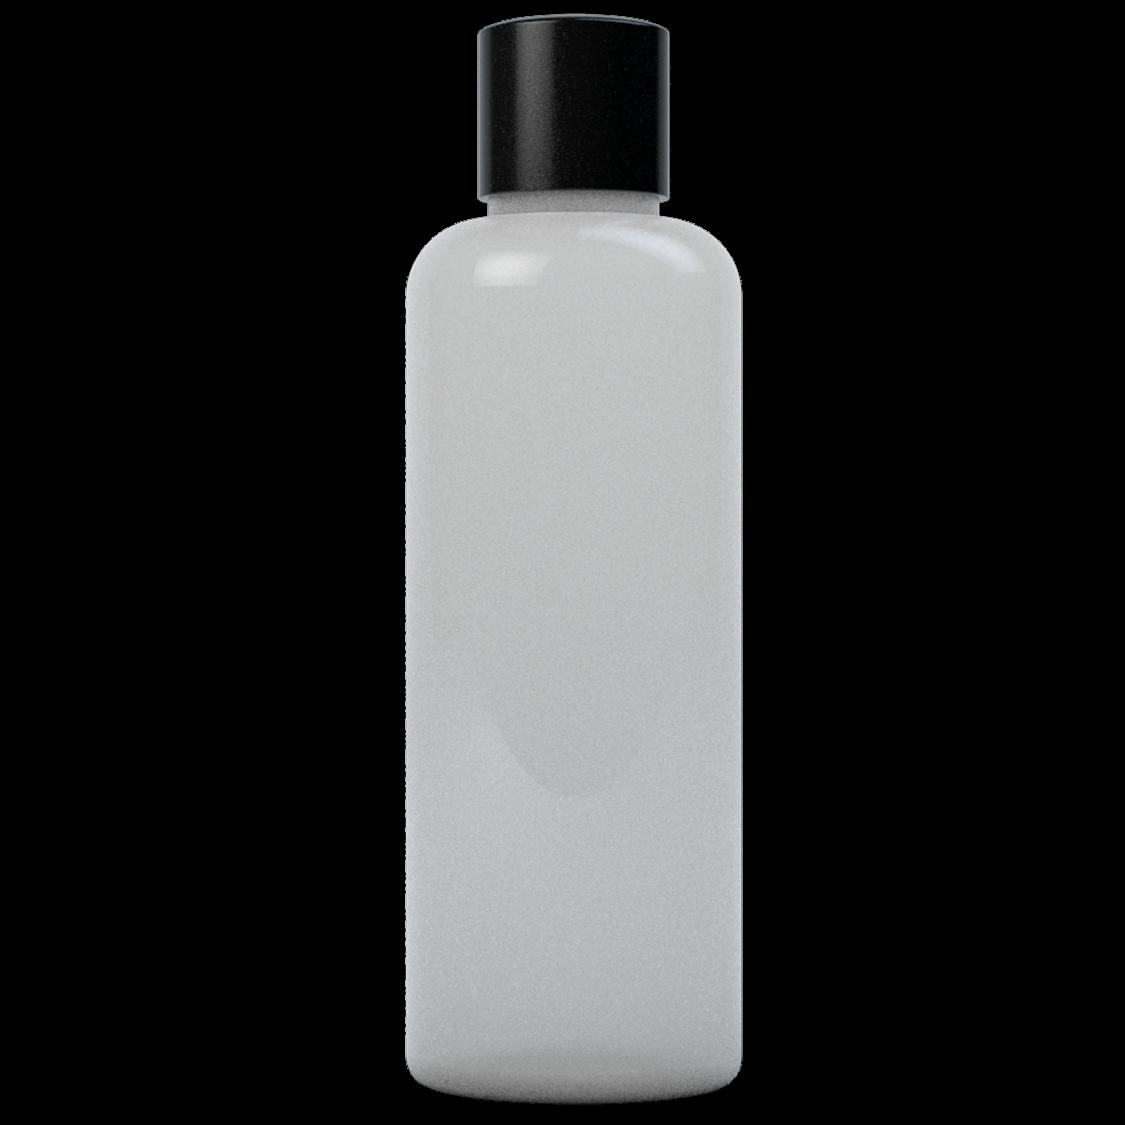 250ml Empty Martlet Bottle